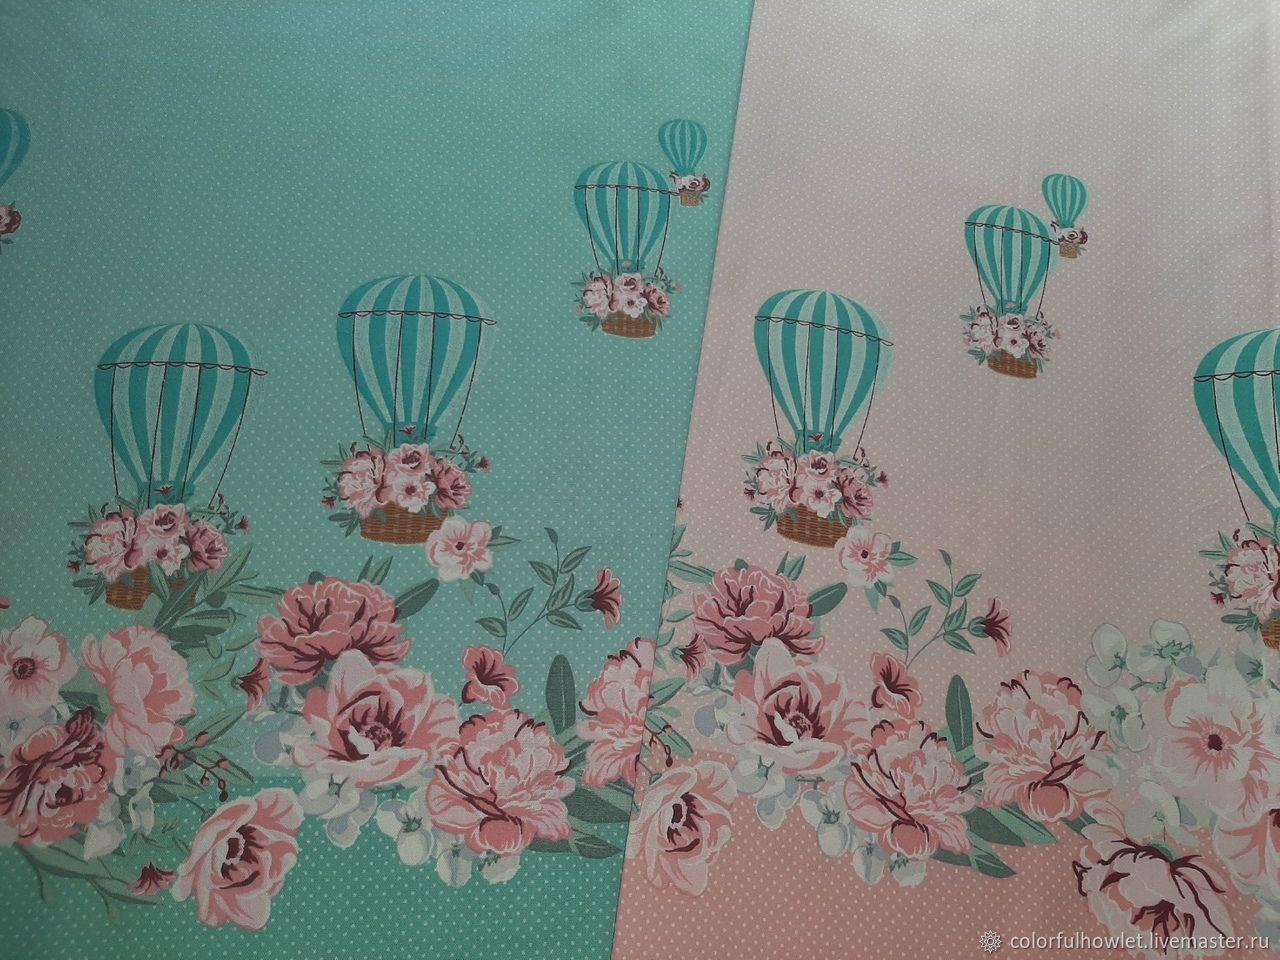 Ткань 100% хлопок для шитья саржа декоративная рогожка, Ткани, Иваново,  Фото №1